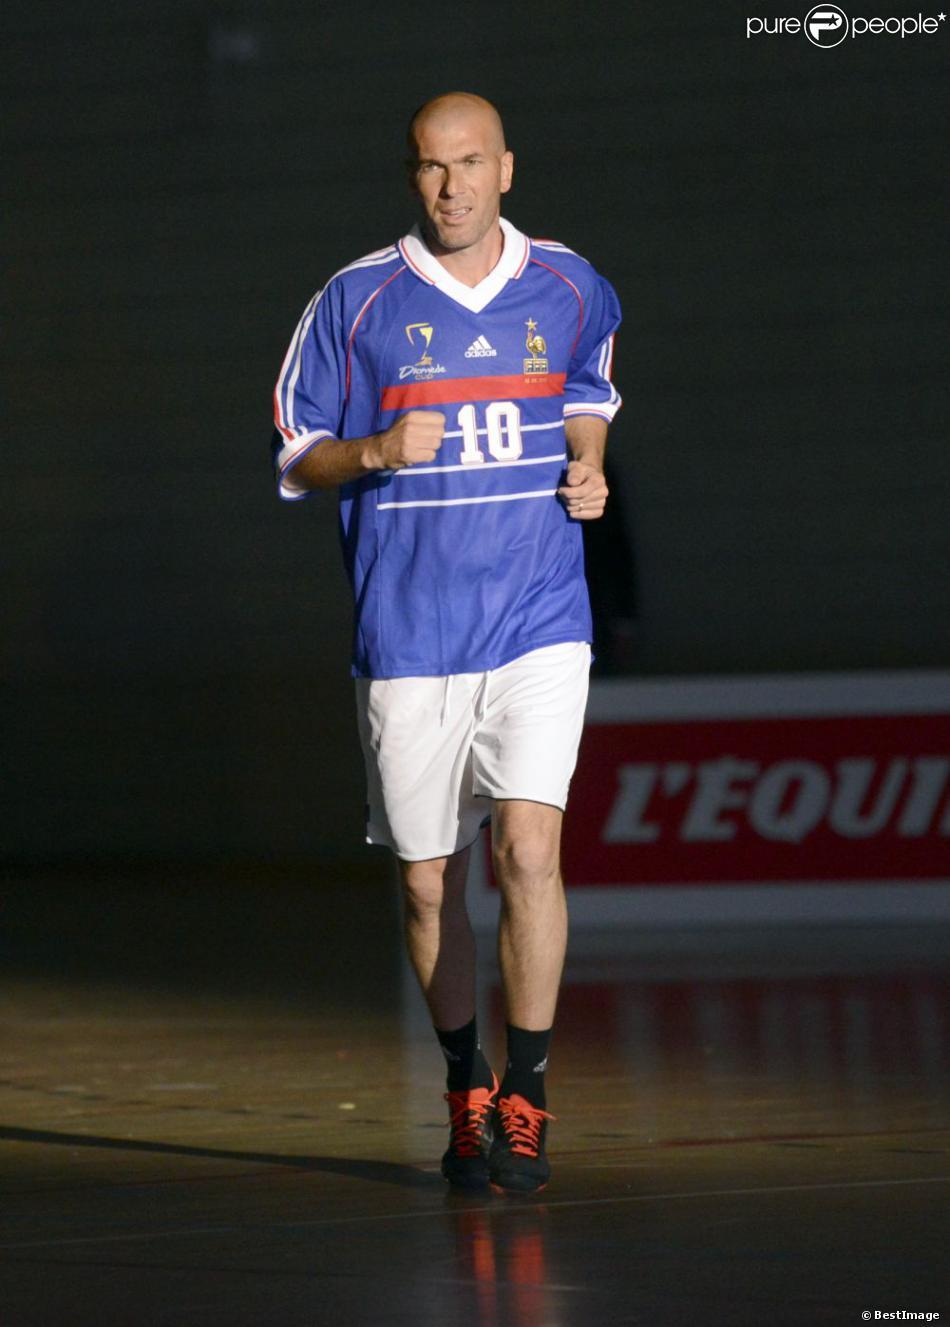 Zinédine Zidane lors d'un match pour l'Académie Bernard Diomède au palais des Sports Robert-Charpentier à Issy-les-Moulineaux le 13 mai 2013 avec les membres de l'équipe de France 98